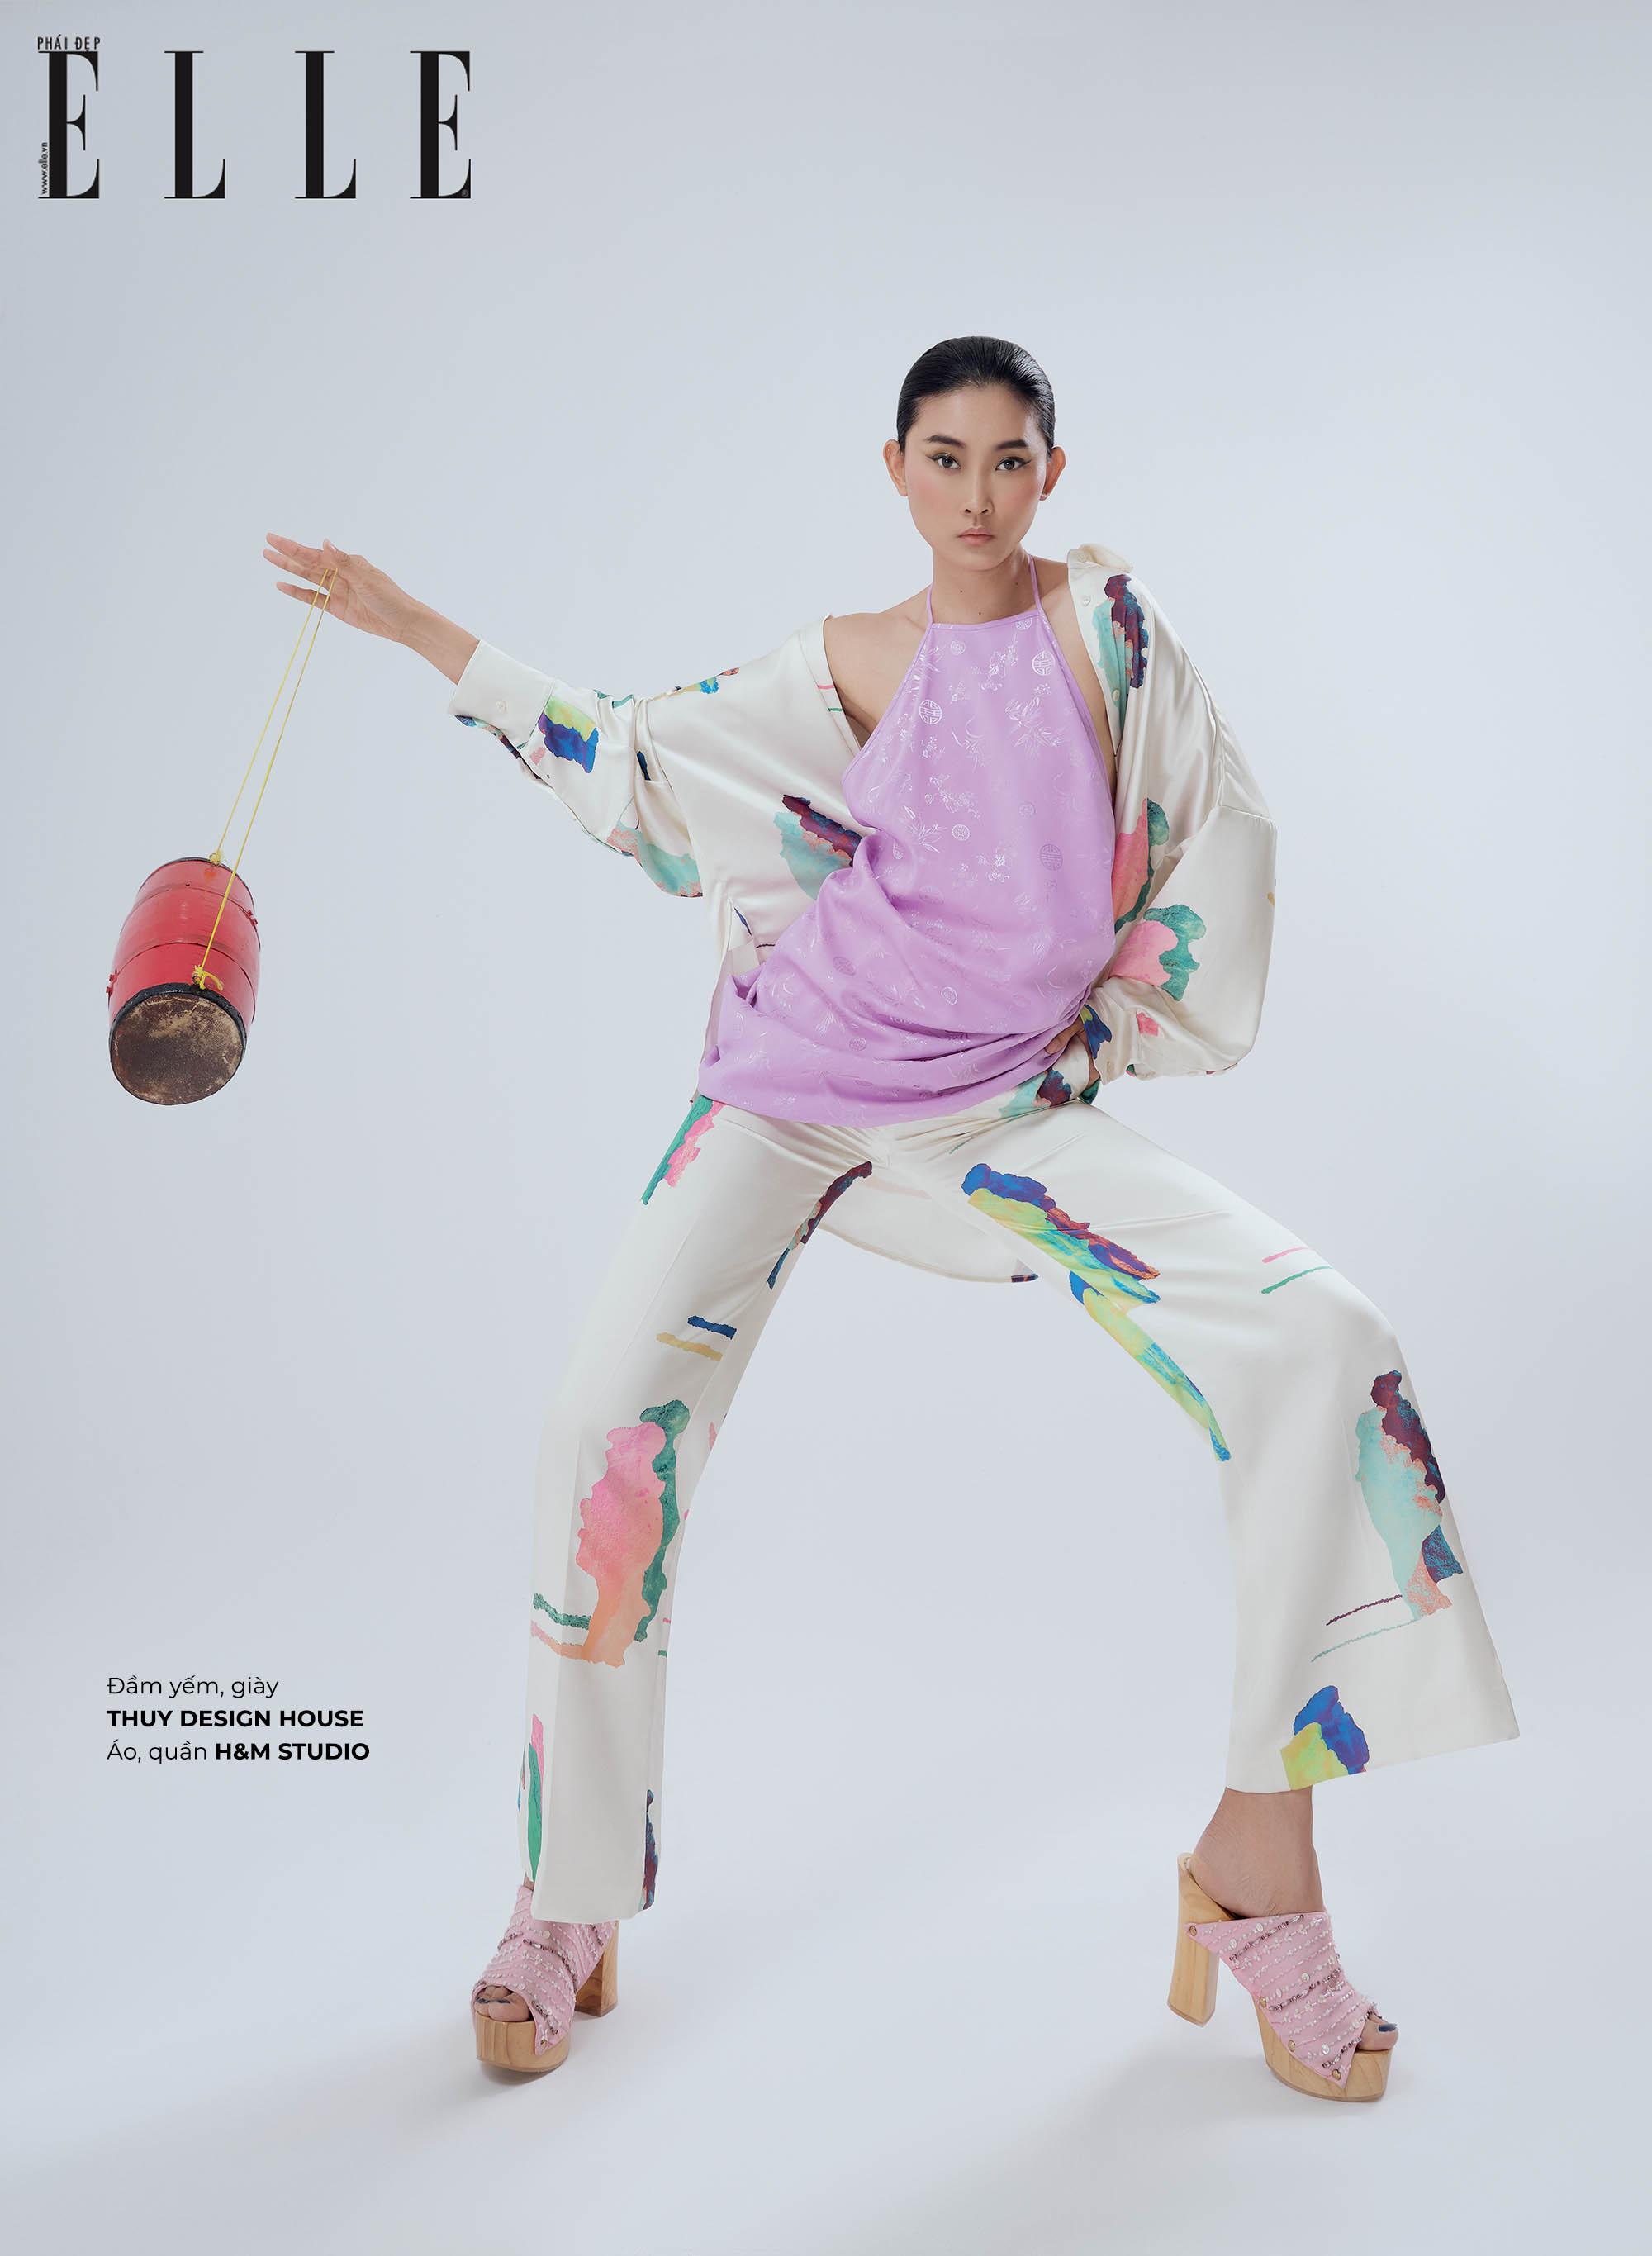 cách phối đồ họa tiết áo yếm tím Thủy Design House